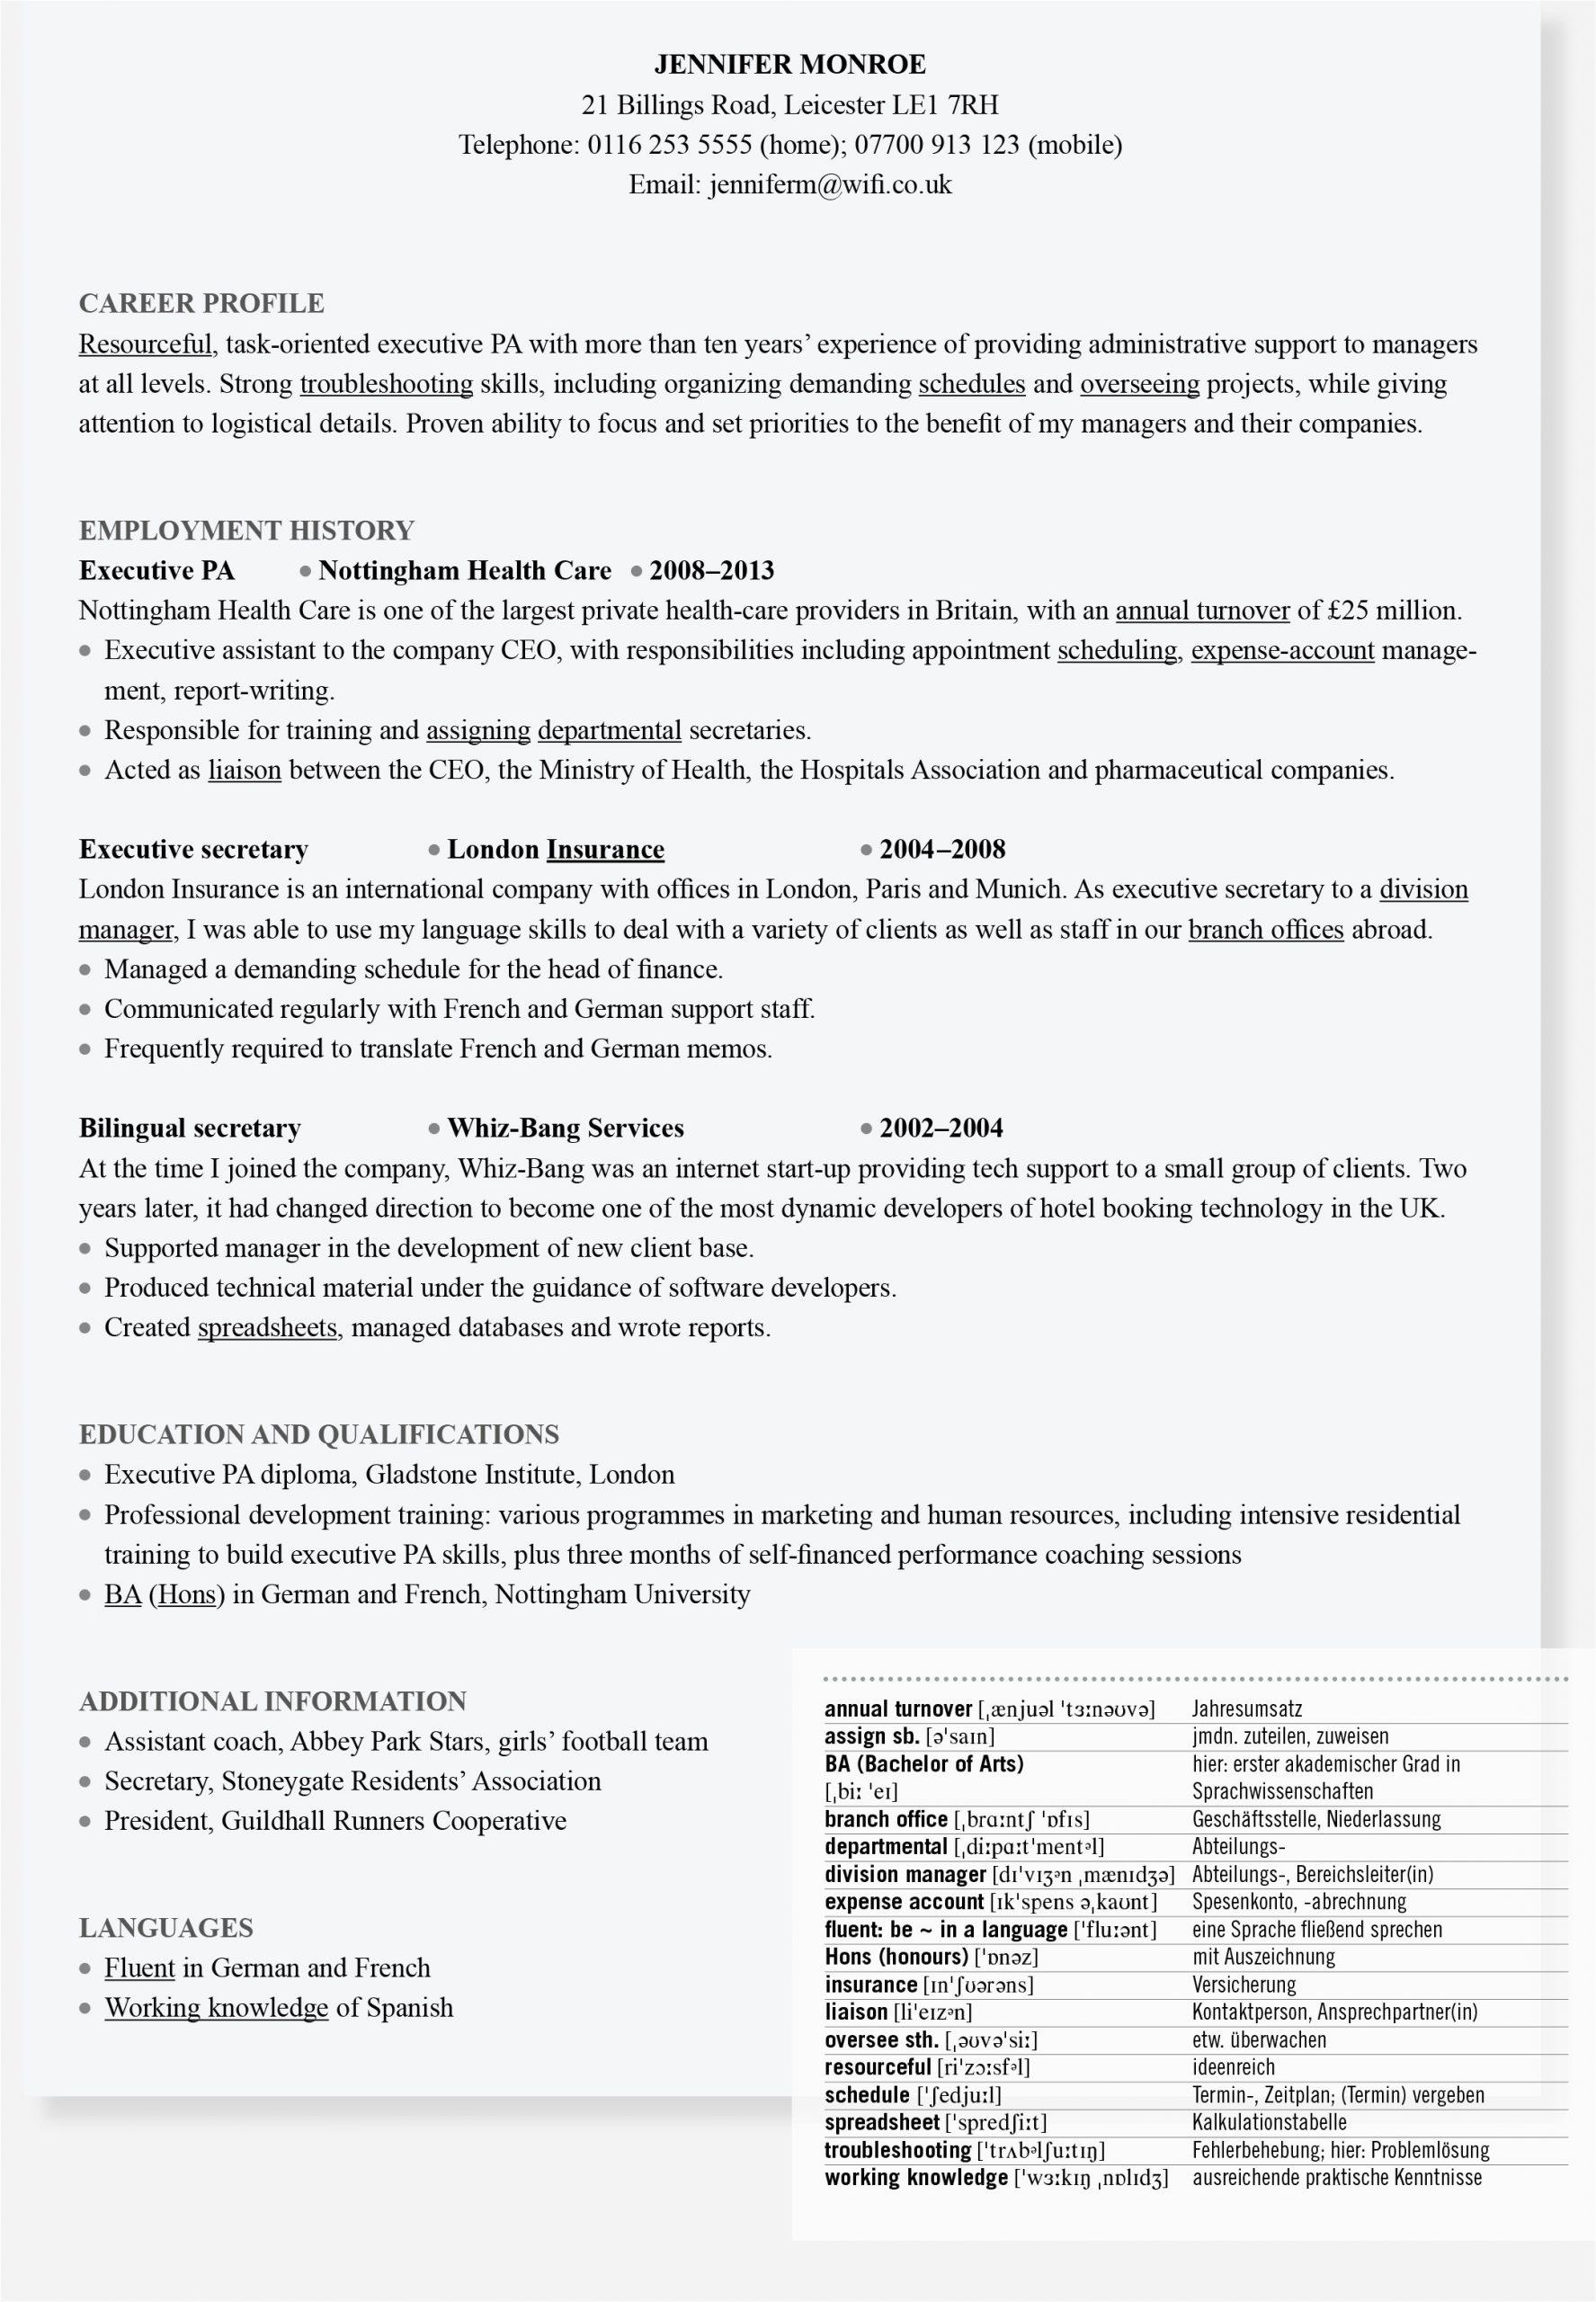 Lebenslauf Englisch Qualifications so Schreiben Sie Einen Englischen Lebenslauf